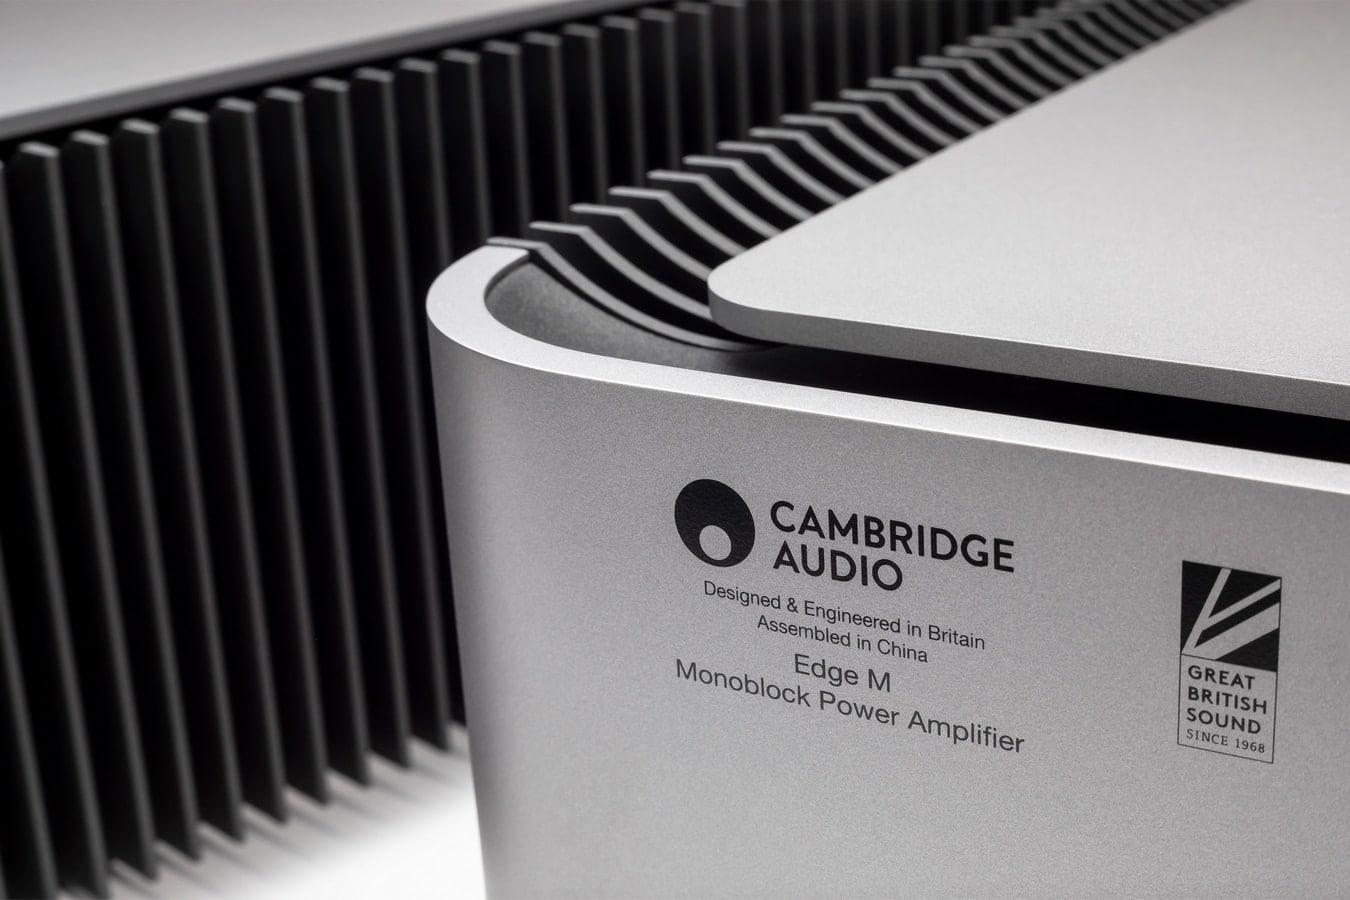 cambridge audio edge m (5)